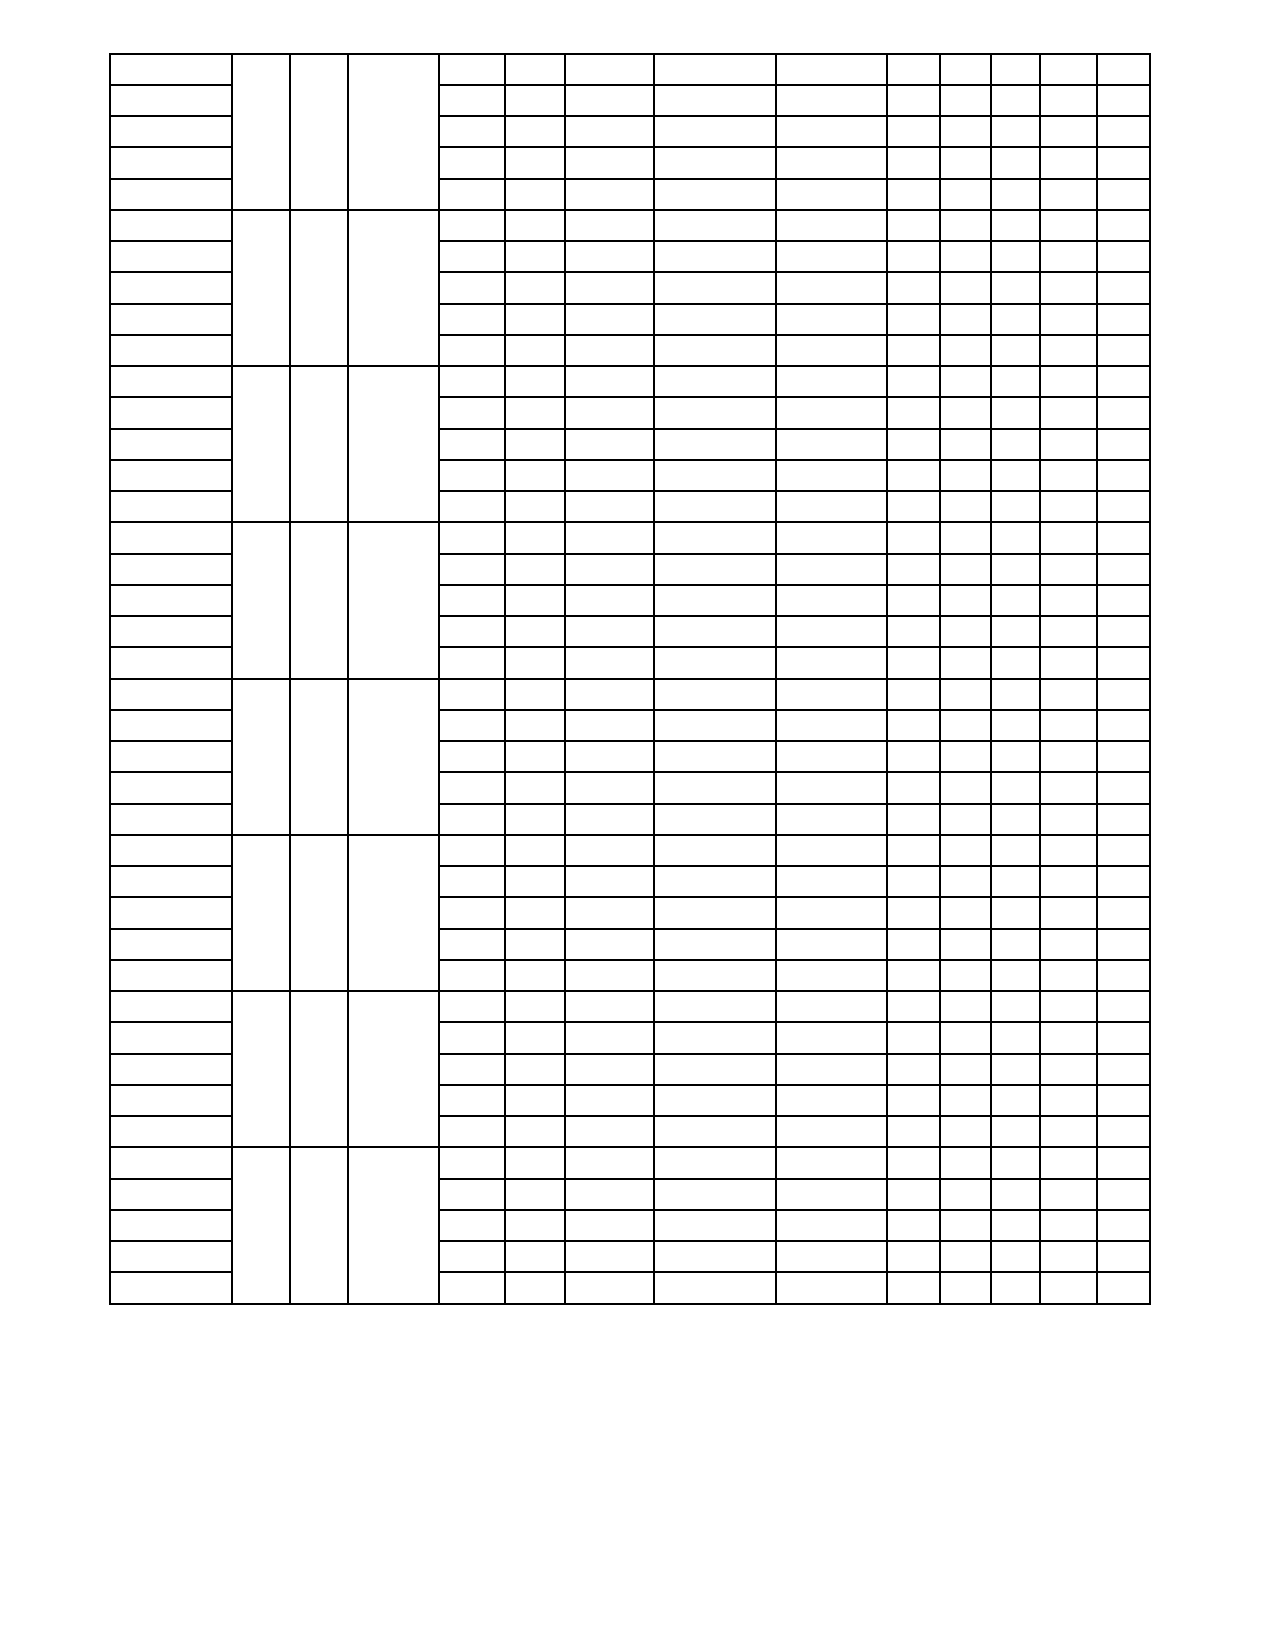 V05K14-5 pdf, 電子部品, 半導体, ピン配列